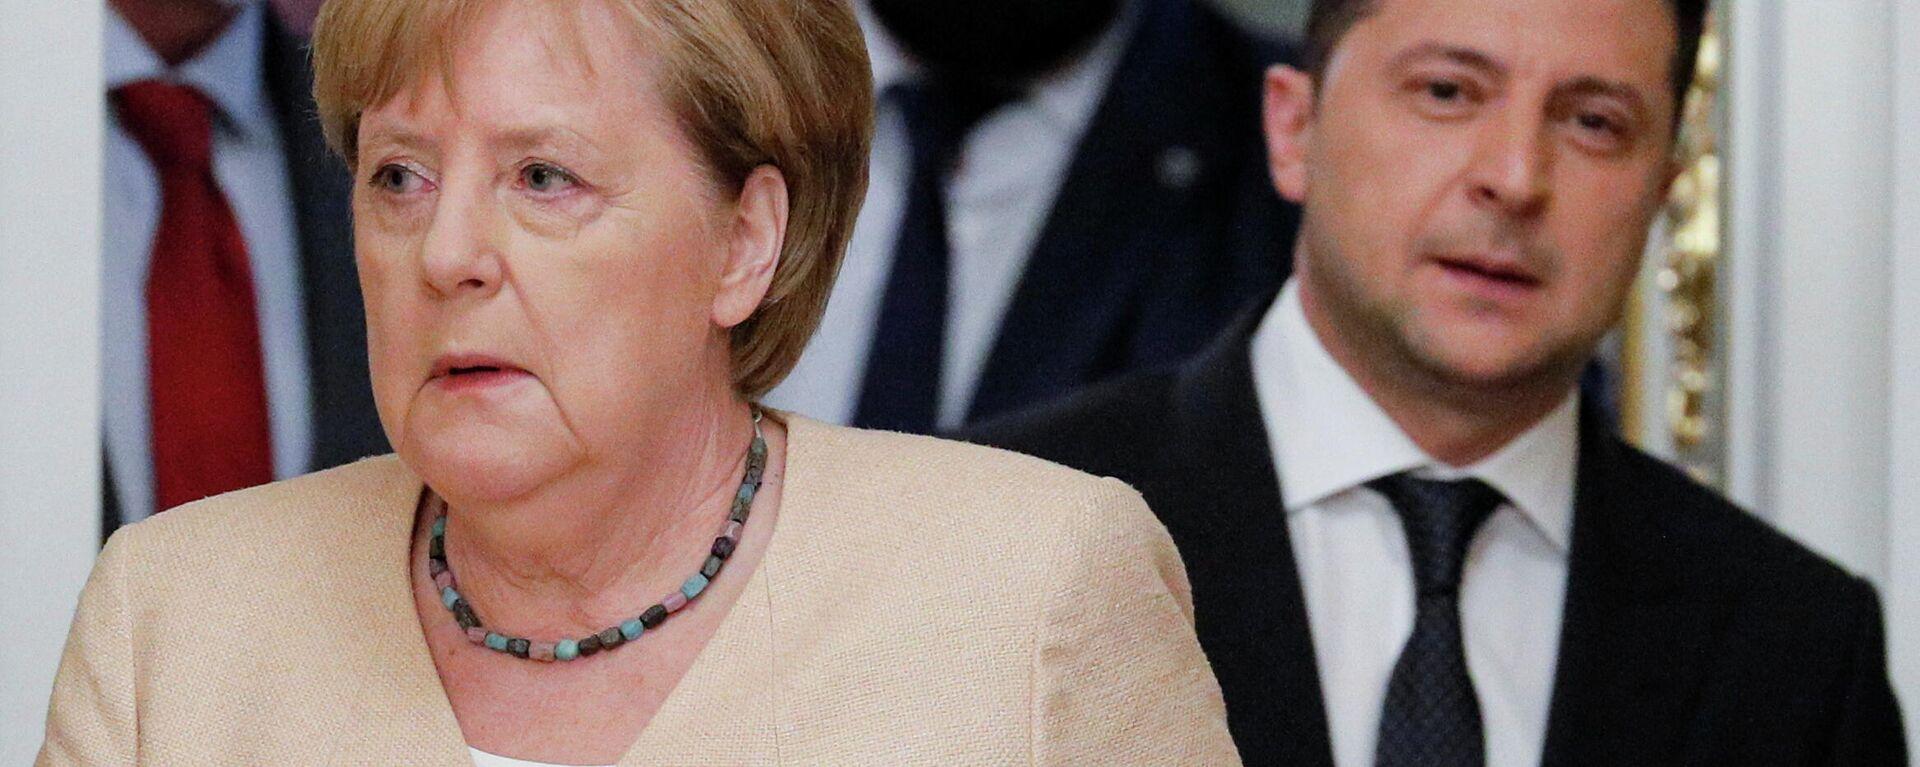 La canciller federal de Alemania, Angela Merkel, y el presidente ucraniano, Volodímir Zelenski - Sputnik Mundo, 1920, 23.08.2021